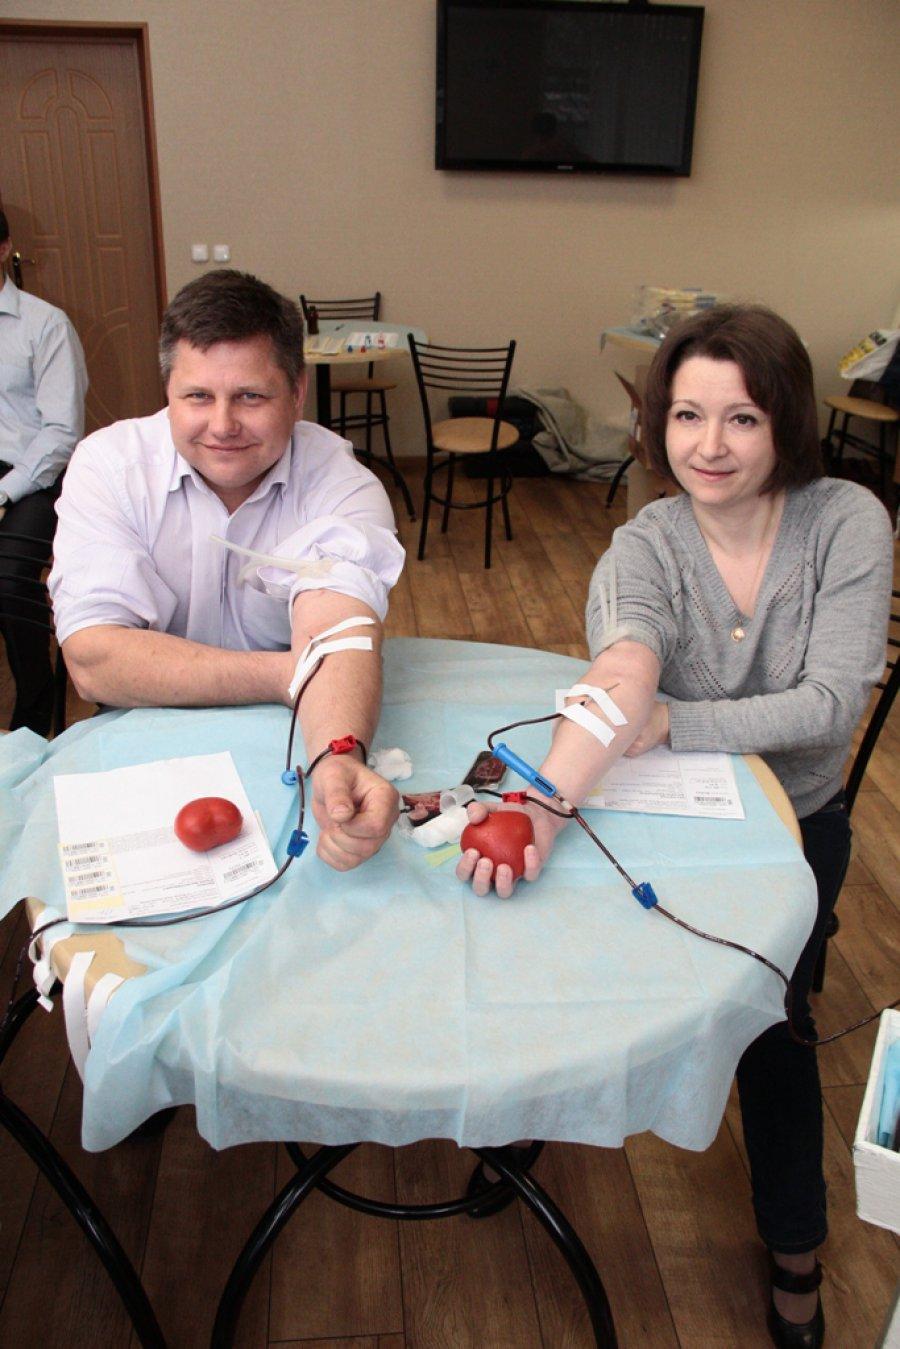 МРСК Центра продолжает проведение традиционных «Дней донора»